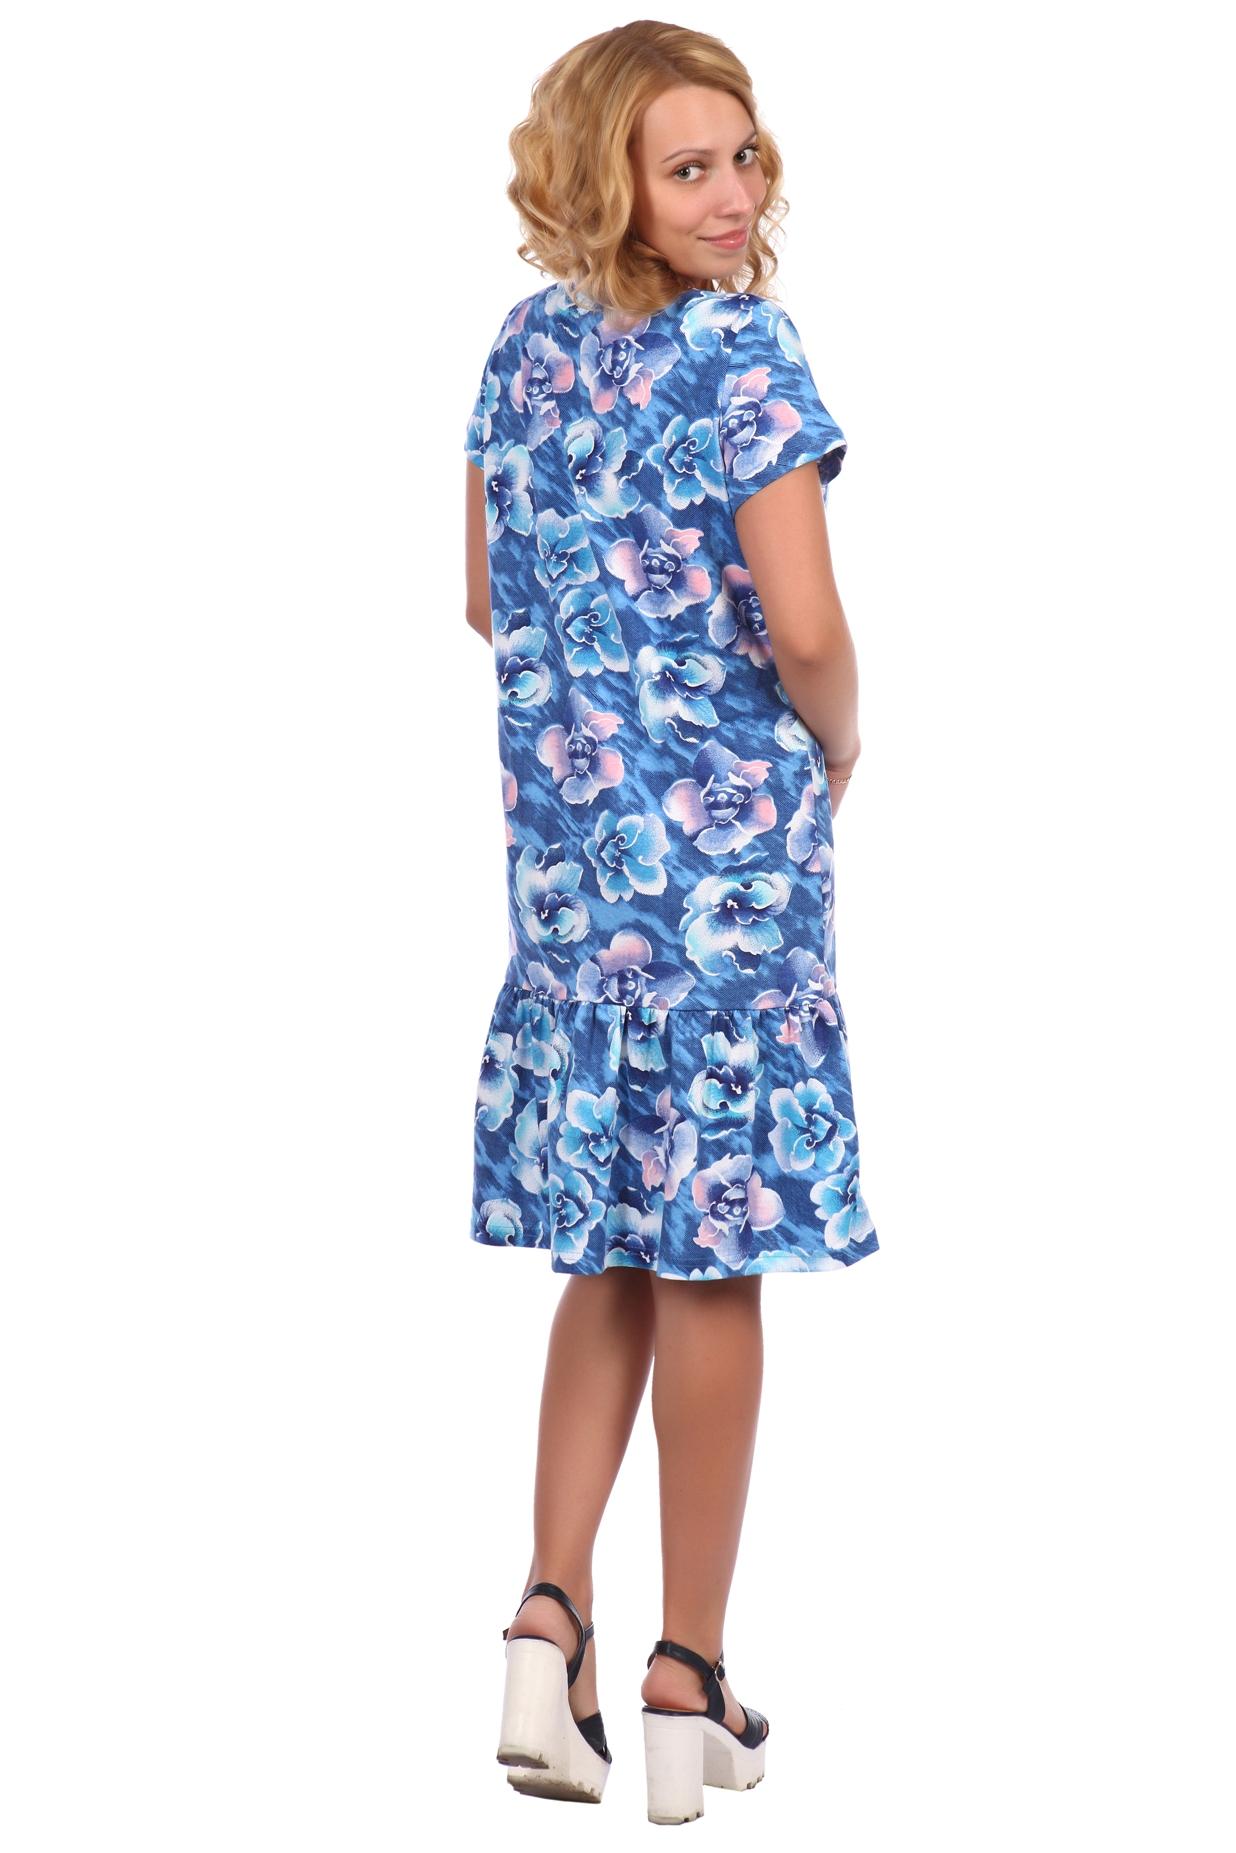 Жен. платье арт. 16-0396 синий р. 54